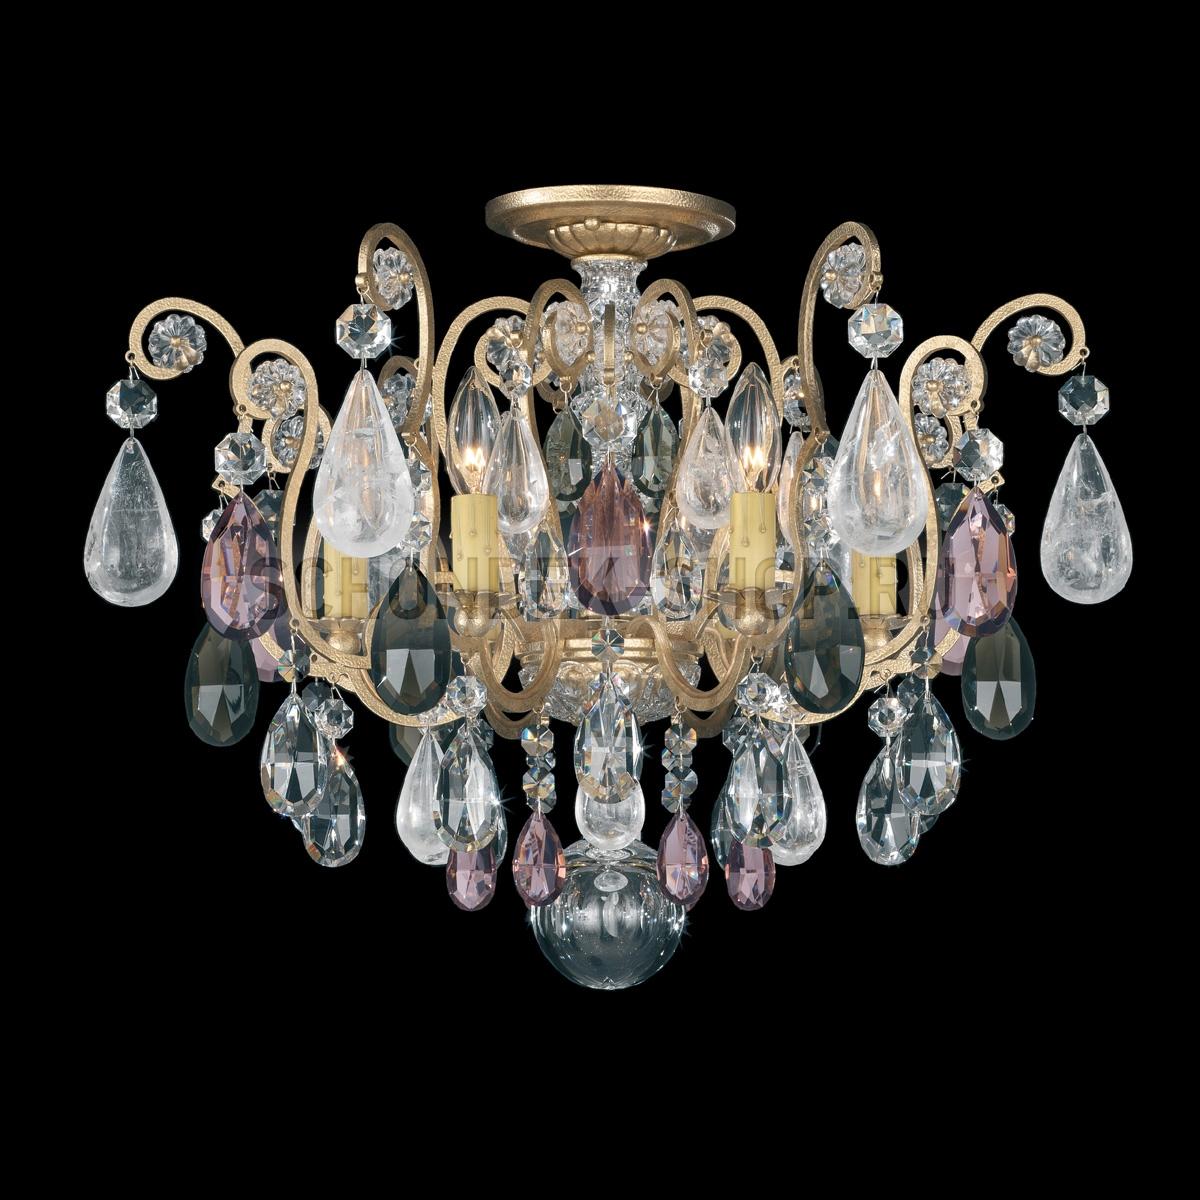 Фотография 1 - Светильник Schonbek Renaissance Rock Crystal 3584